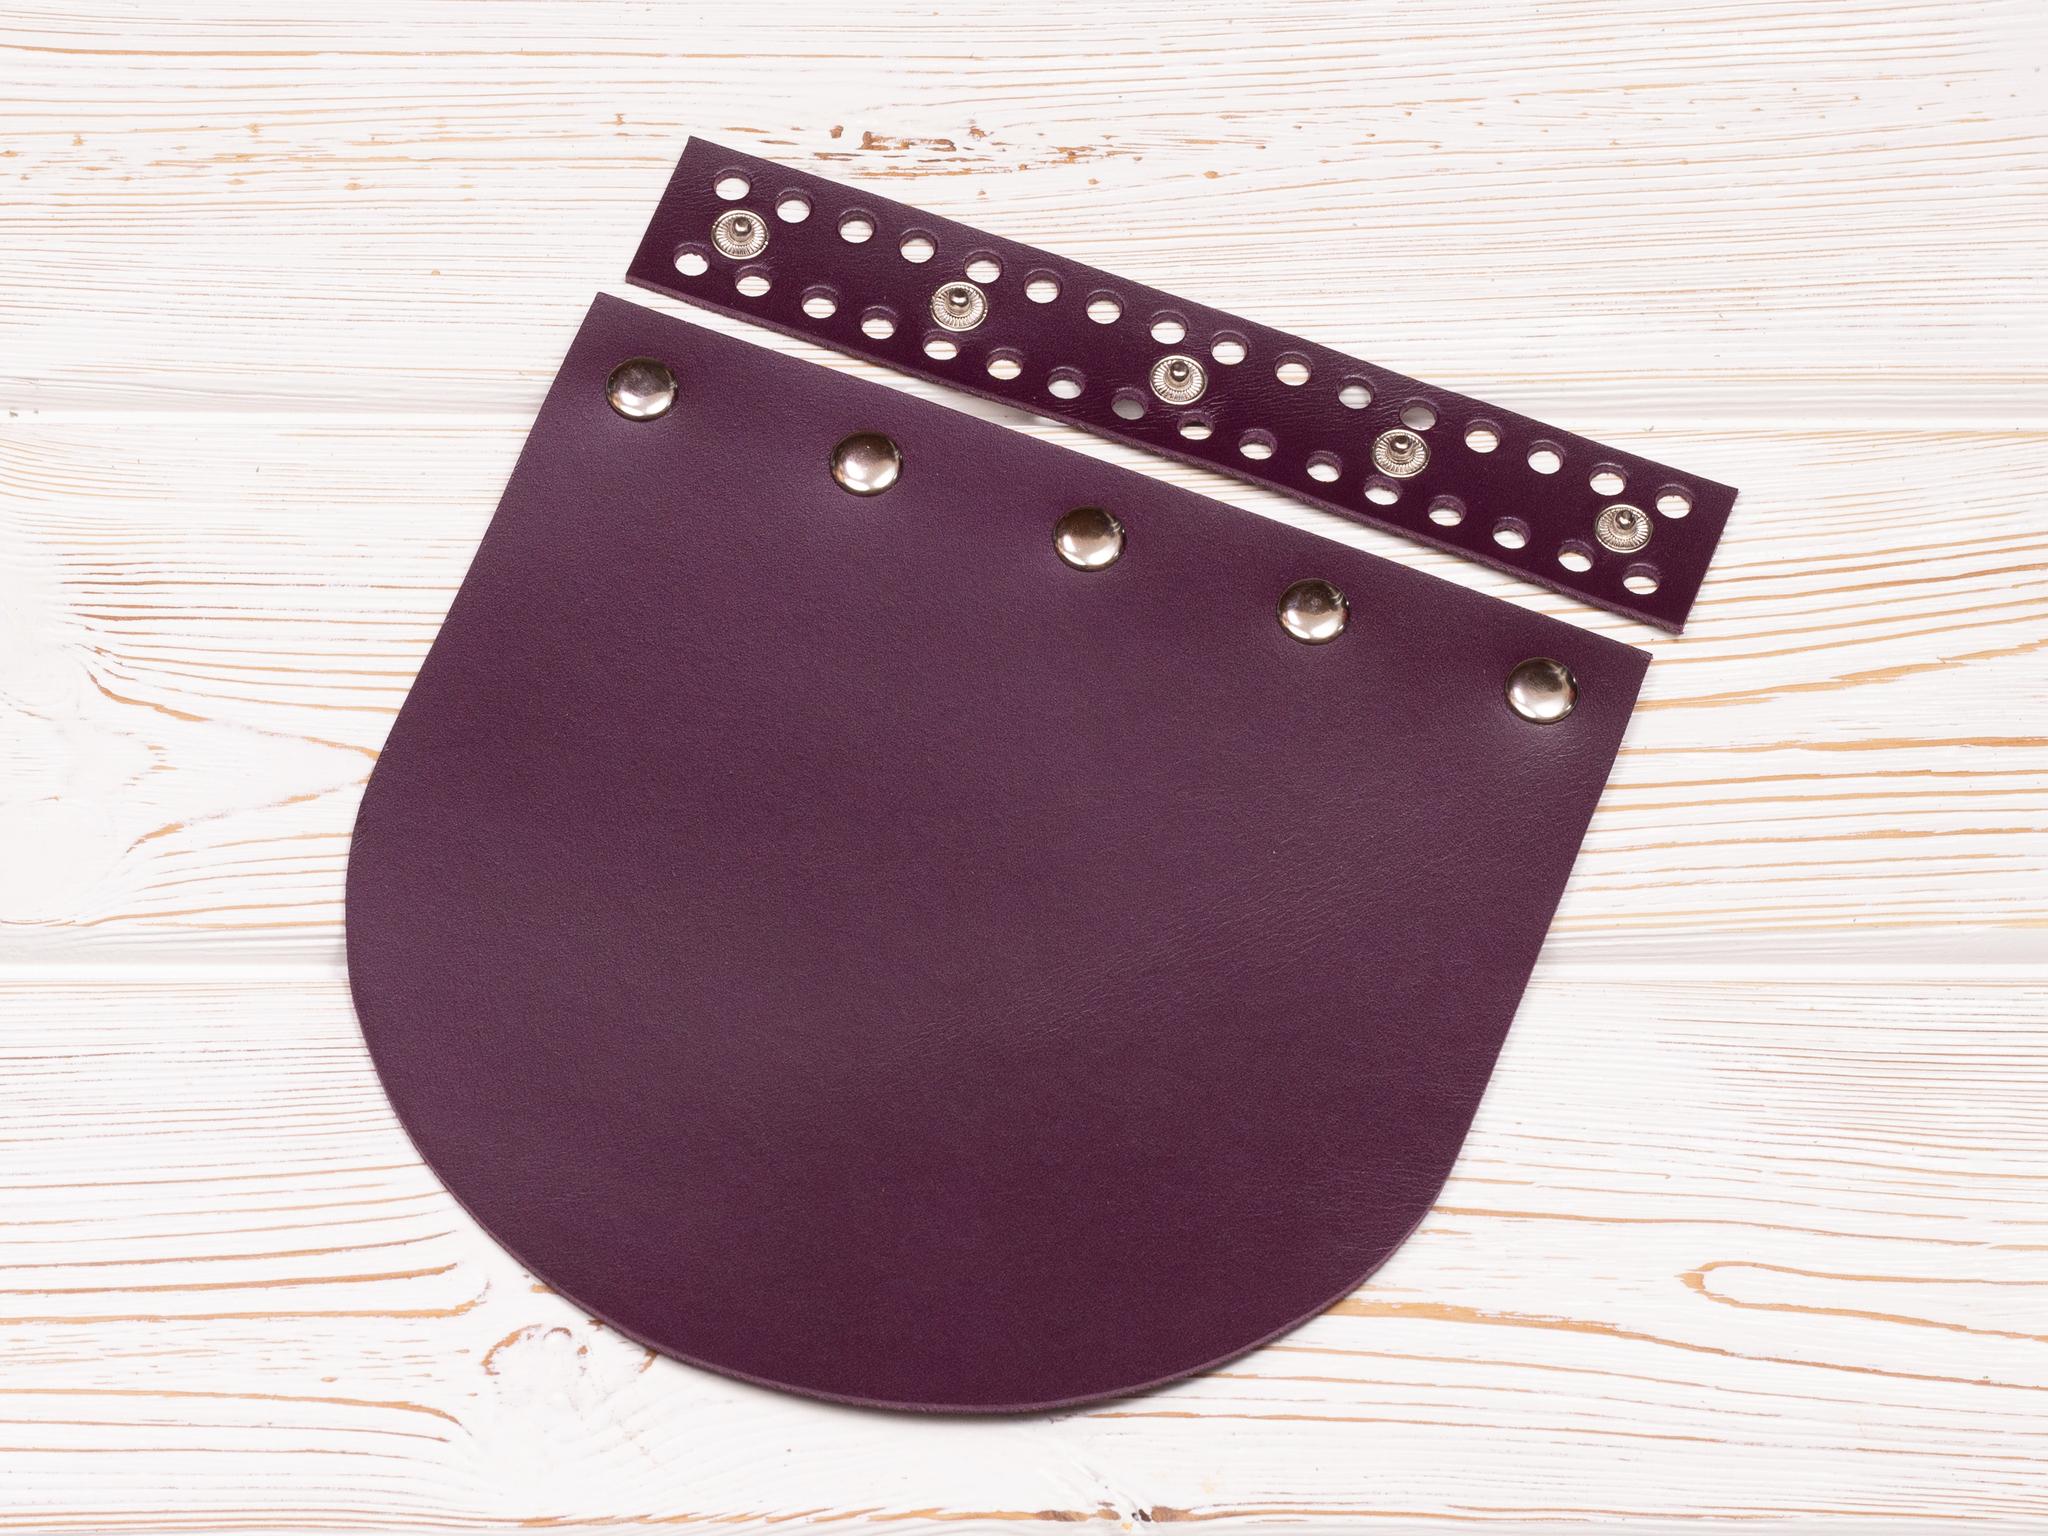 """Вся фурнитура Клапан для сумочки кожаный на заклепках """"Марсала"""" IMG_2378.jpg"""